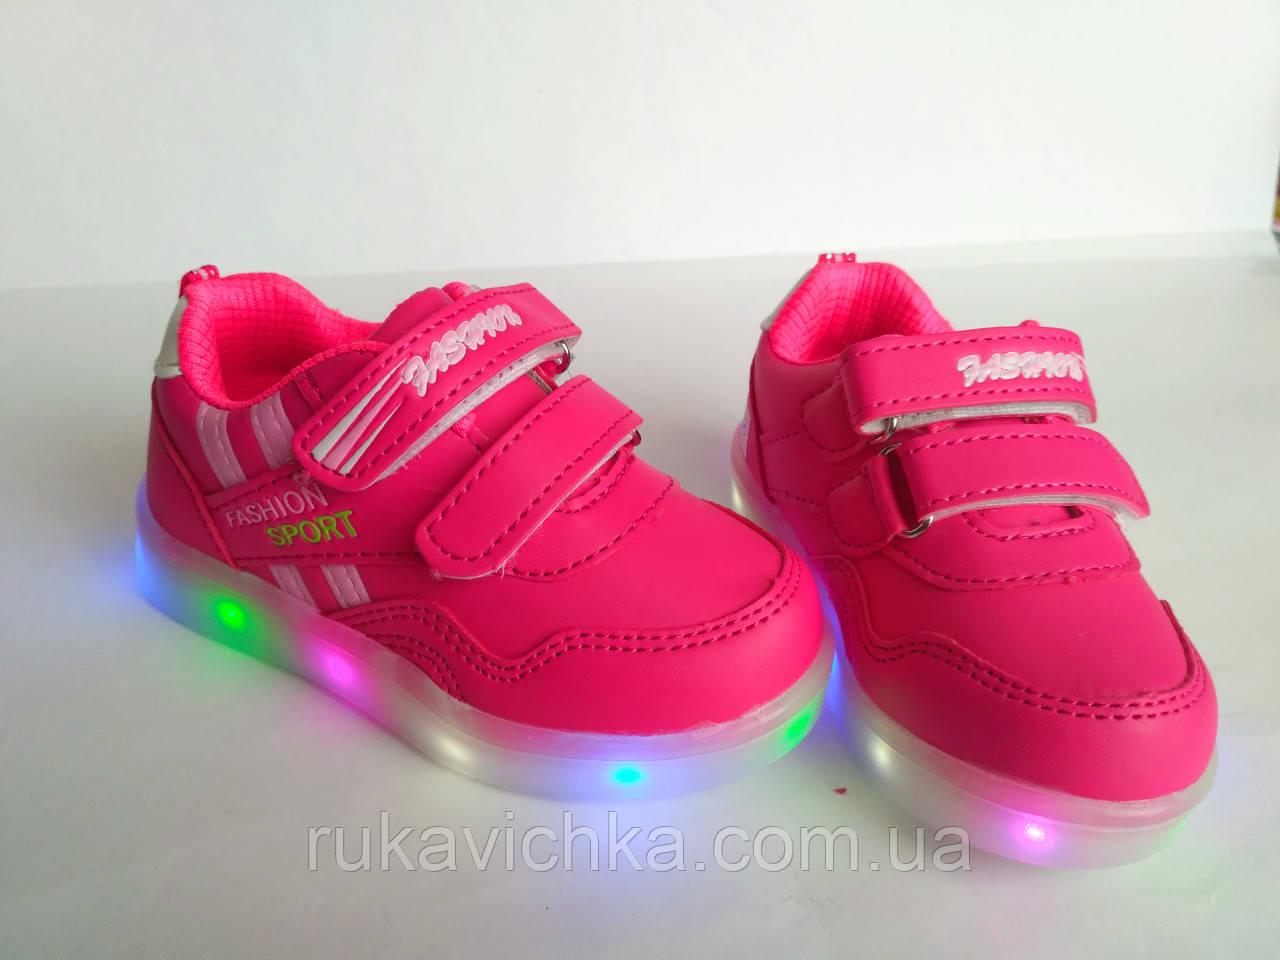 c12c8374d Модные детские кроссовки с LED-подсветкой бренда ВВТ для девочки, р ...